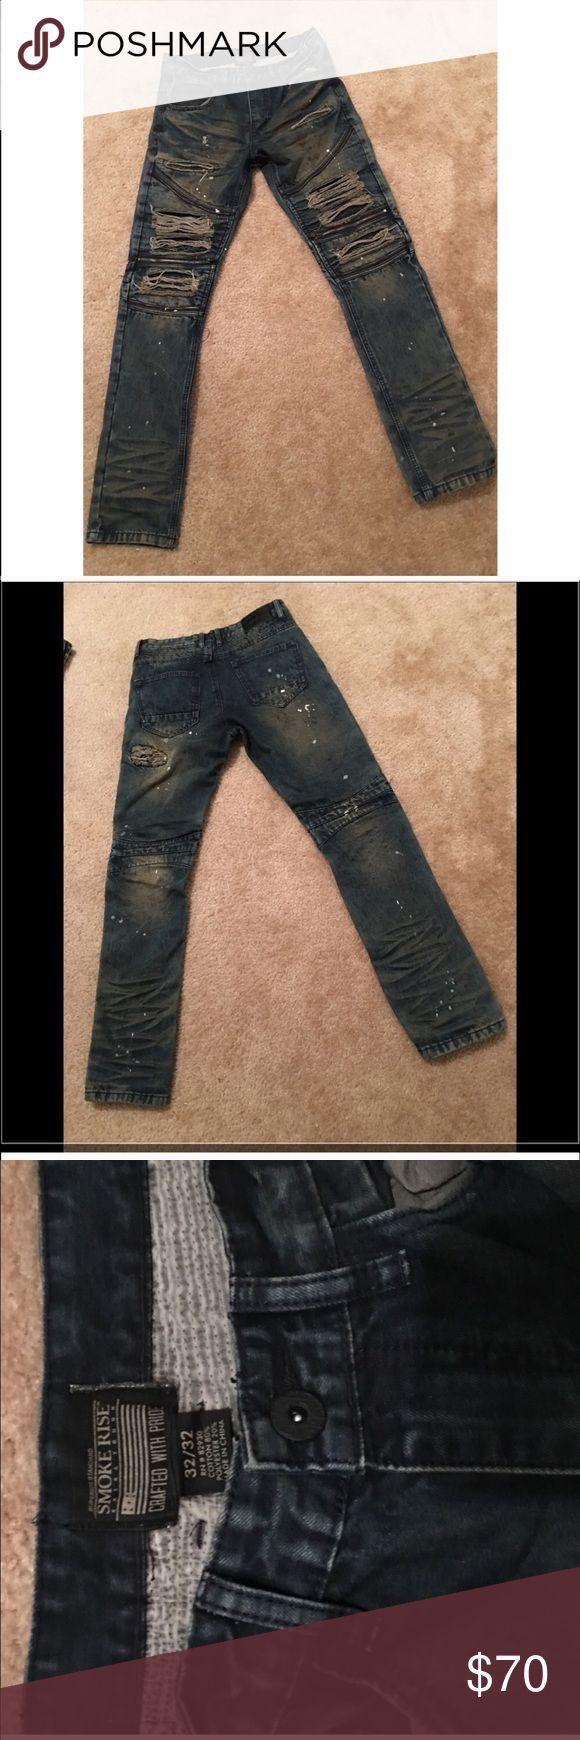 Smoke rise biker jeans men Men 32x32 biker jeans in good condition Jeans